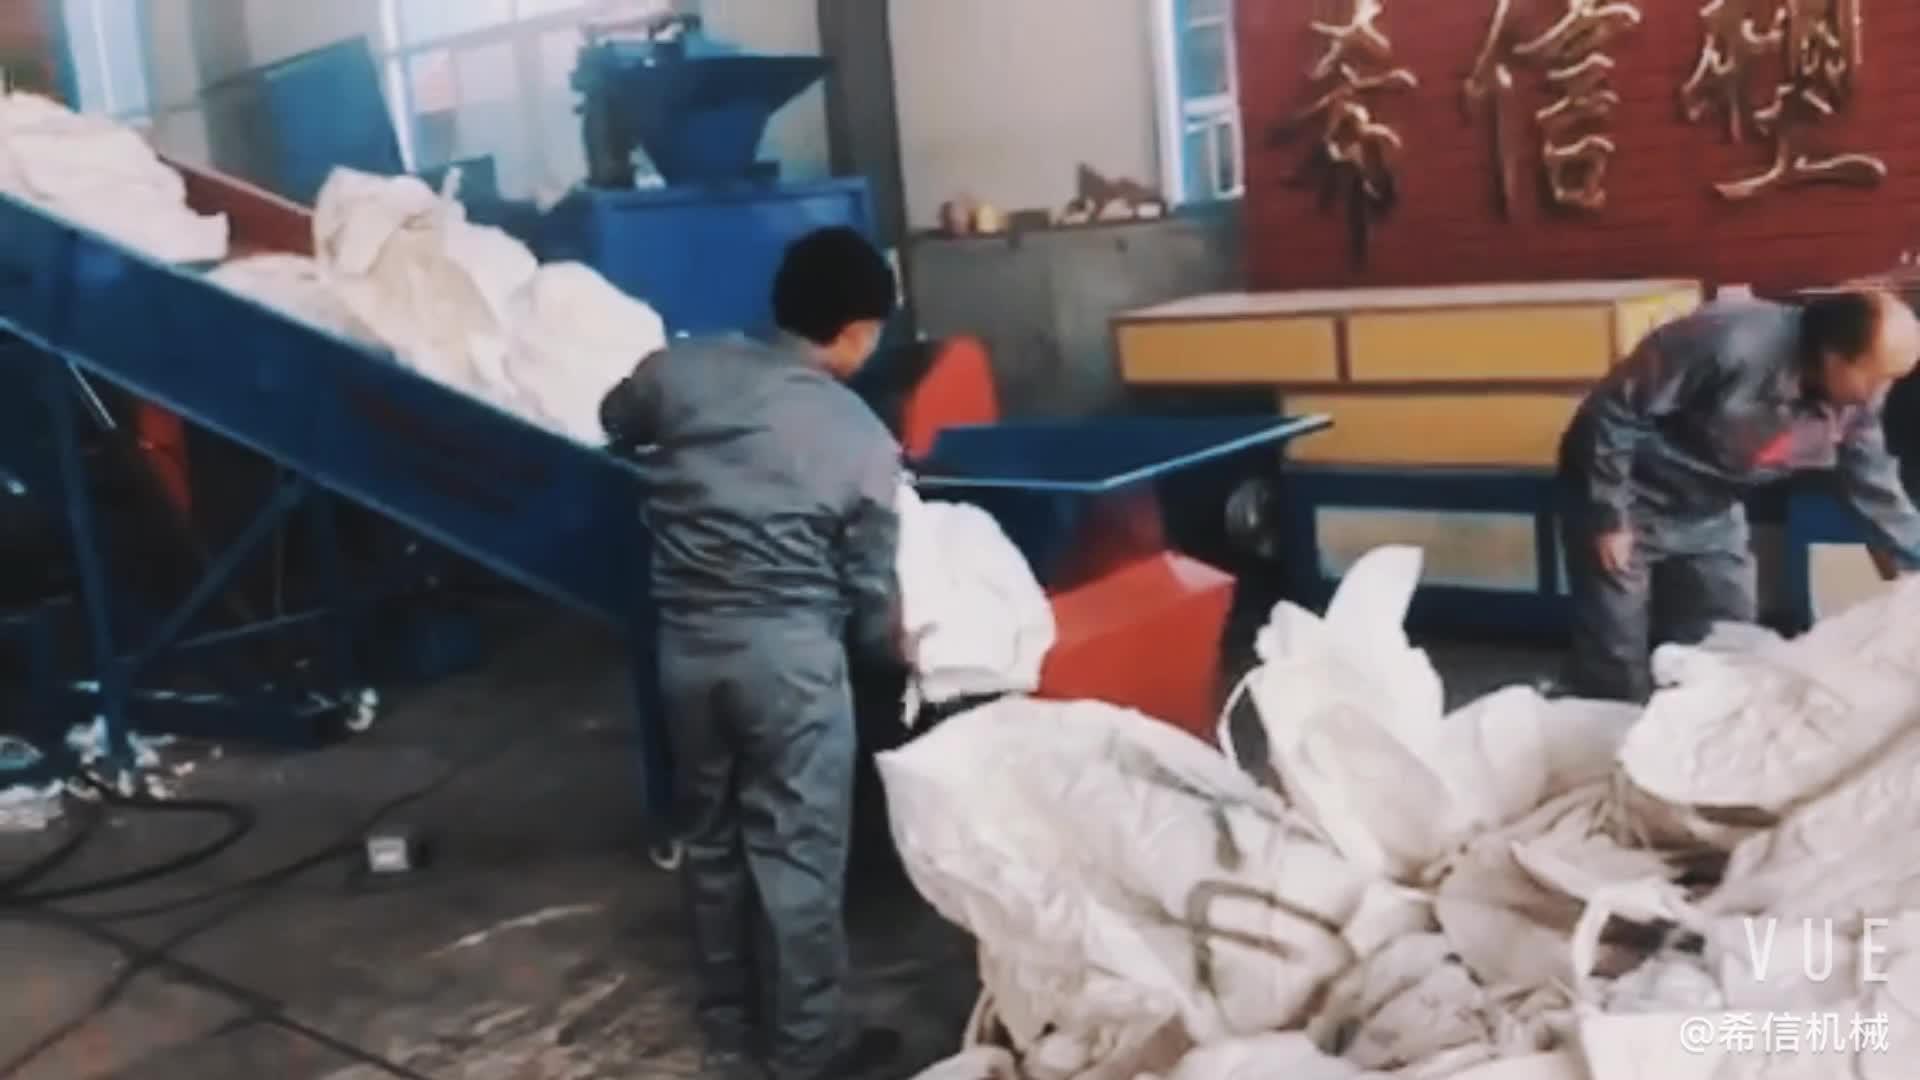 Промышленная Пластиковая дробилка машина, пластиковая переработка гранулировщик машина, Шредер машина для пластиковых мешков распродажа